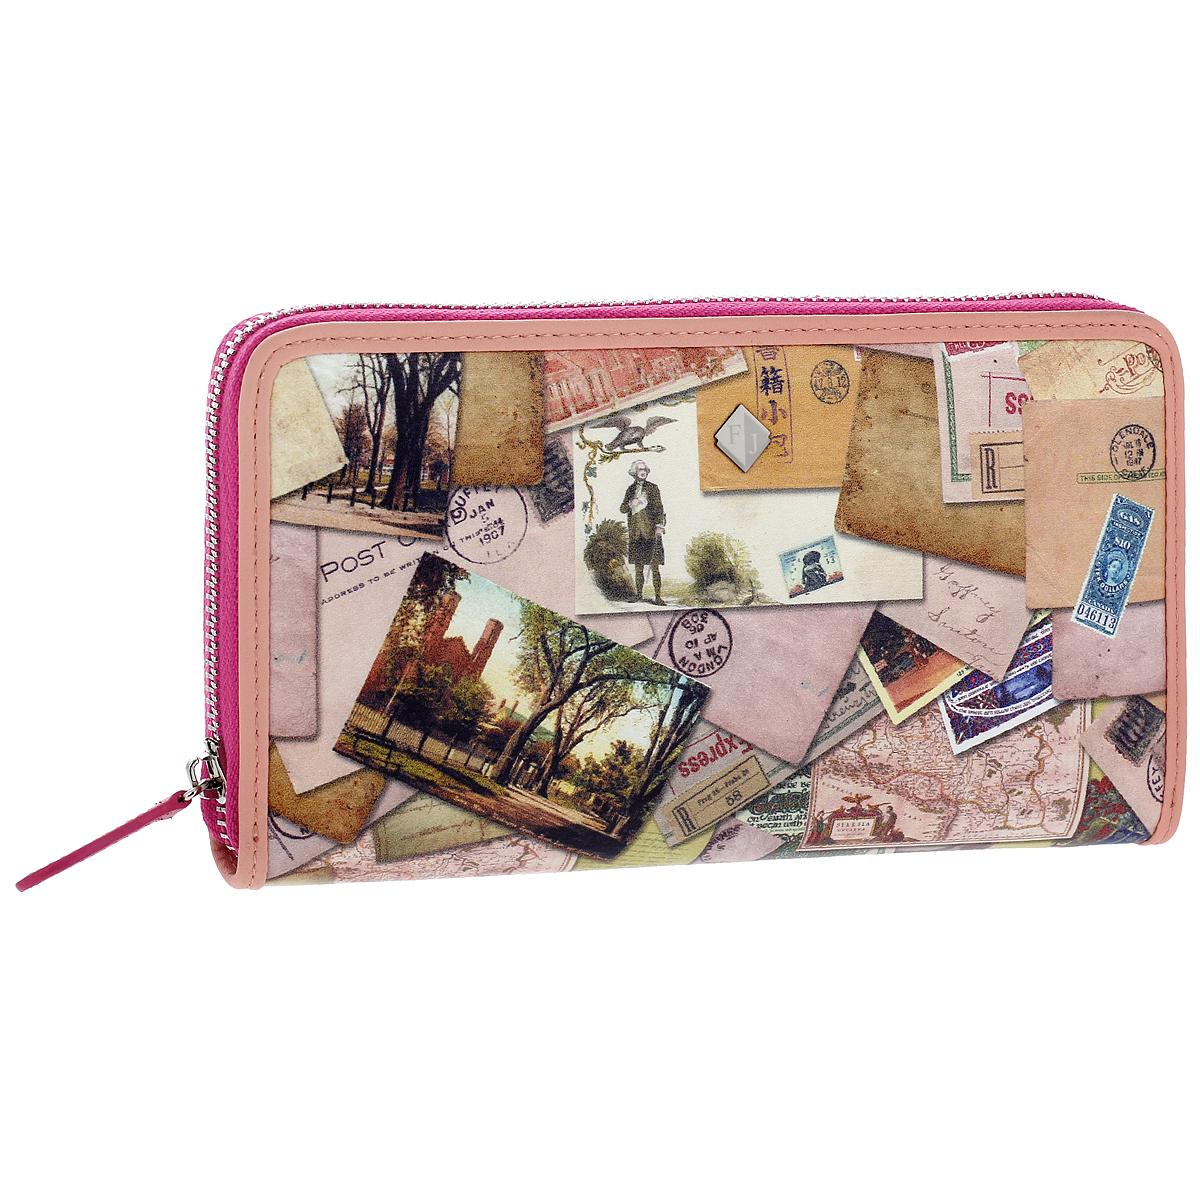 Кошелек женский Flioraj Postcard, цвет: бежевый, розовый. 1288-141831288-14183/PostcardМодный кошелек Flioraj от итальянского бренда выполнен из натуральной кожи высокого качества и декорирован стильным фотопринтом. Модель закрывается на застежку-молнию. Внутри - три отделения для купюр, одно отделение на застежке-молнии, три плоских кармана и двенадцать отделений для визиток и пластиковых карт. Классический дизайн и стильный декор в сочетании с удобством и вместительностью делают этот аксессуар незаменимым.